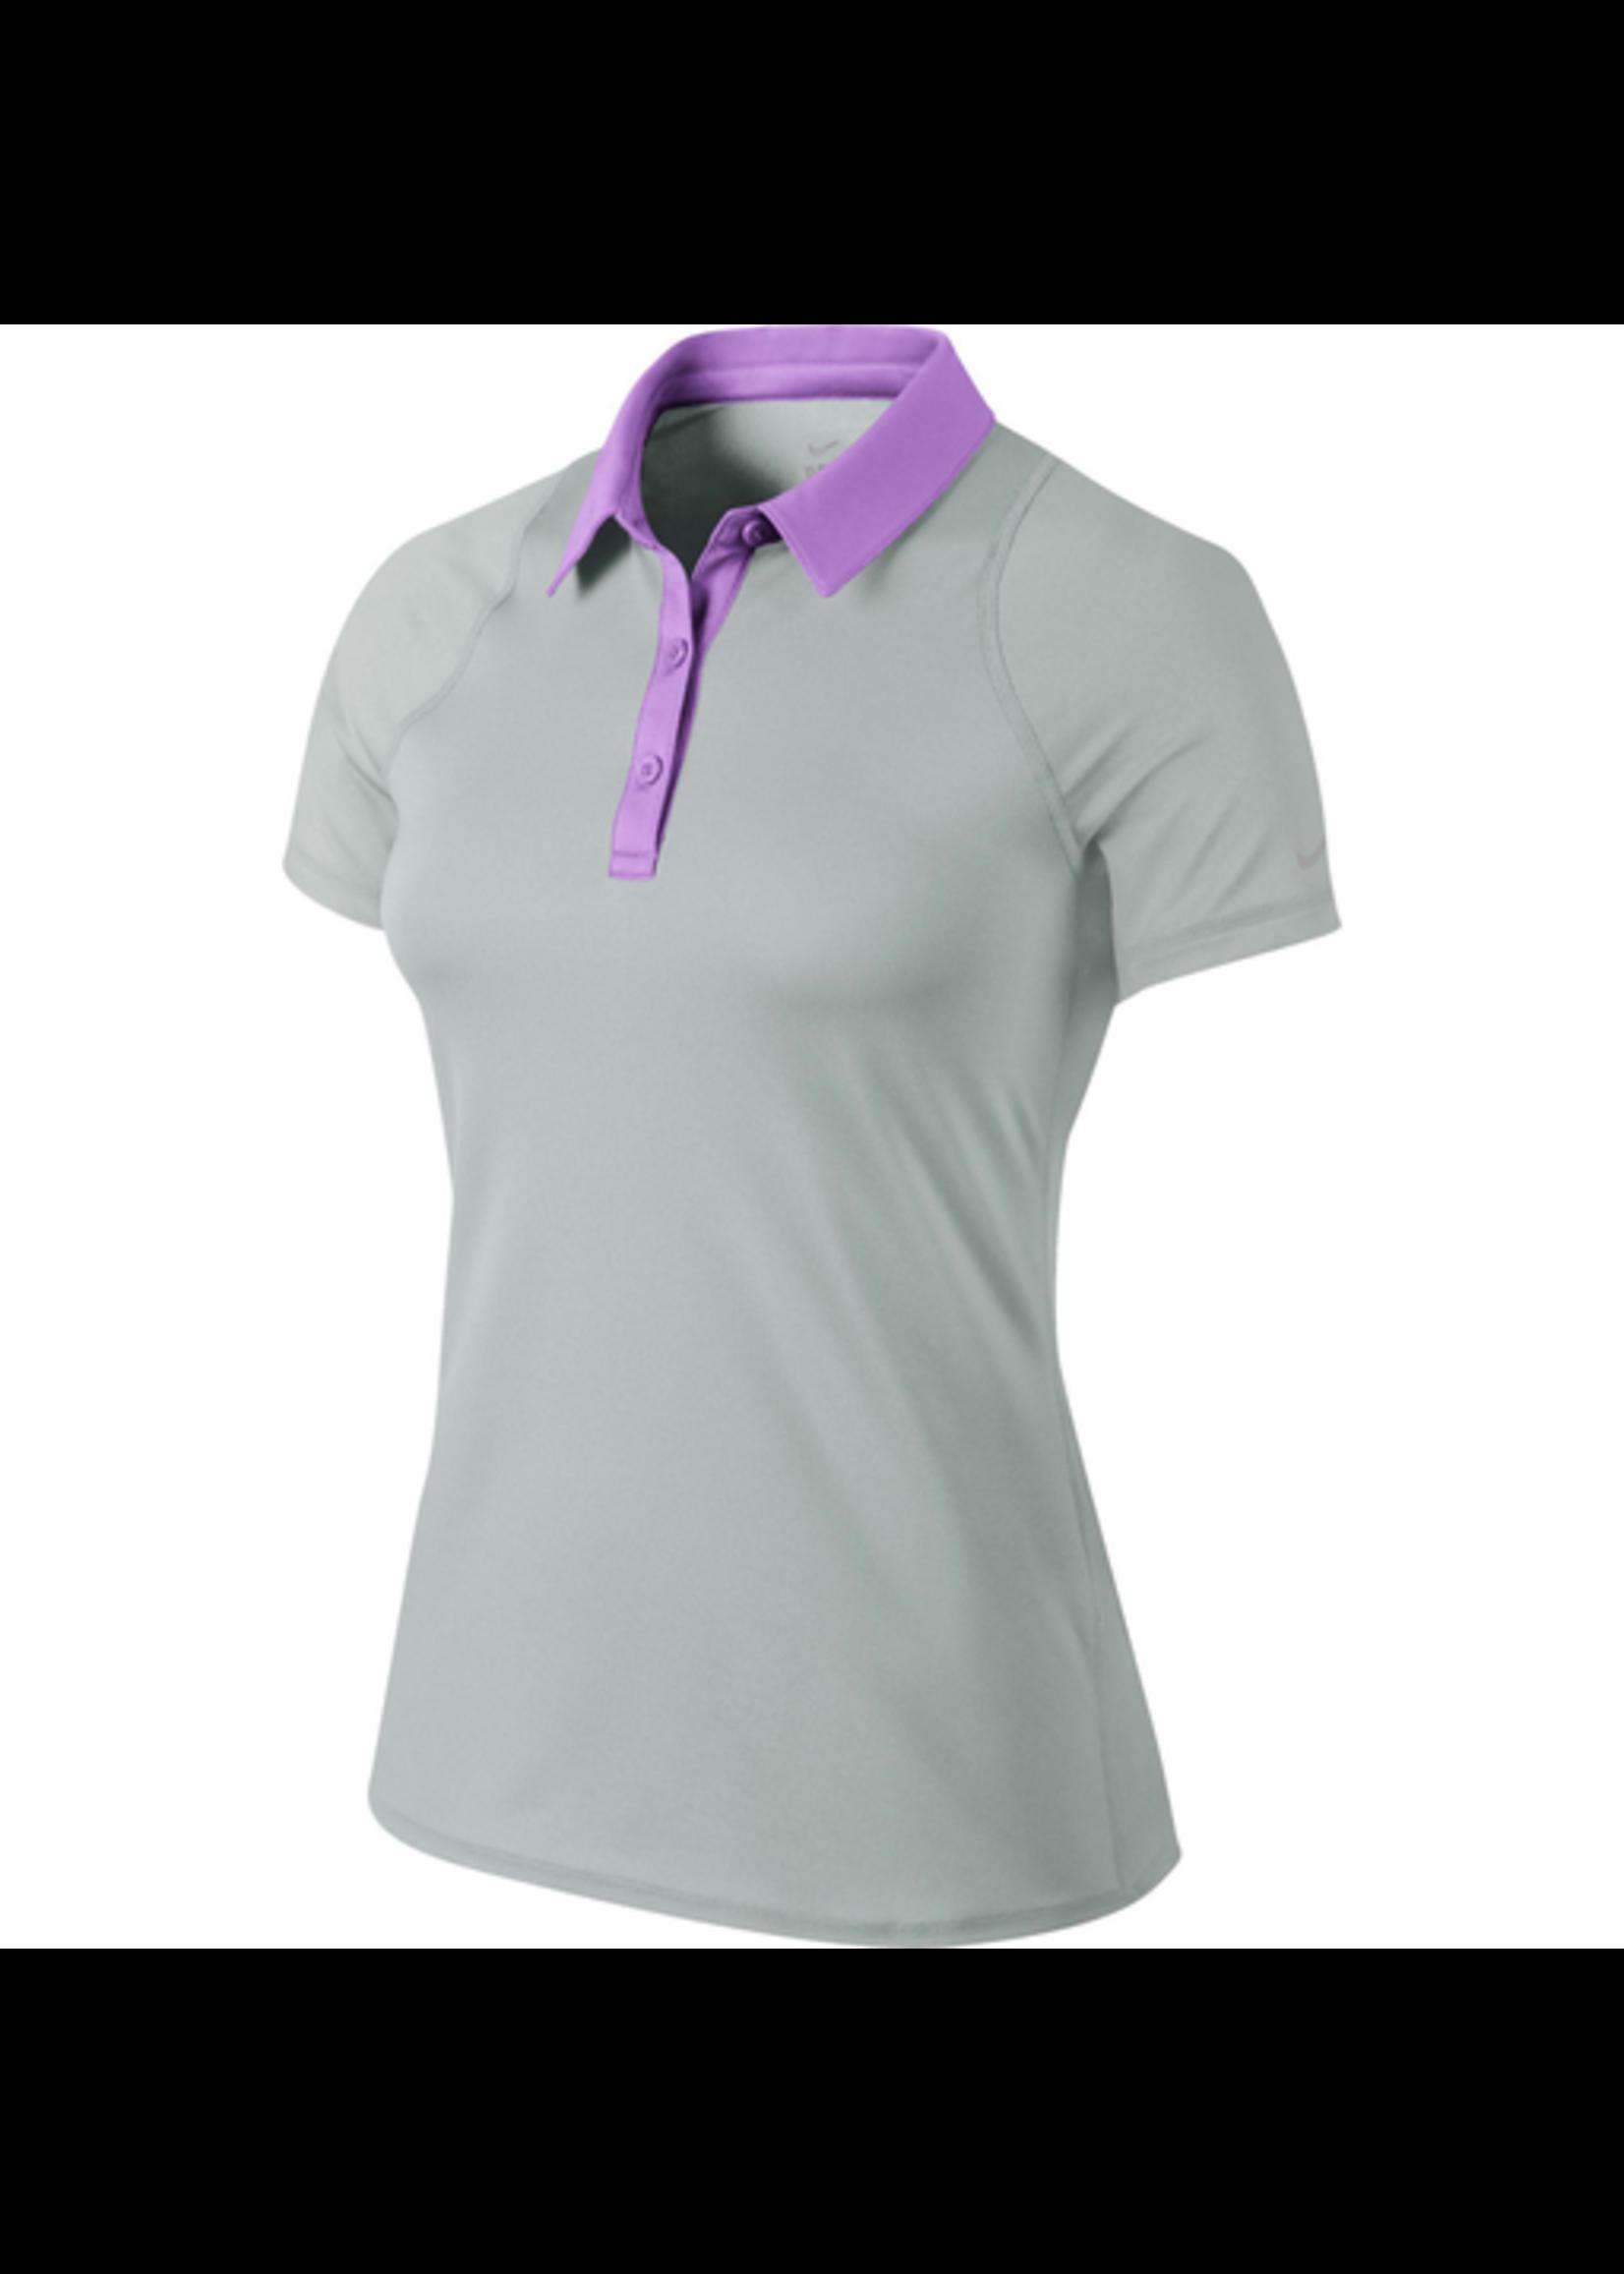 Nike Ladies 599042 Polo Shirt Grey/Lilac S